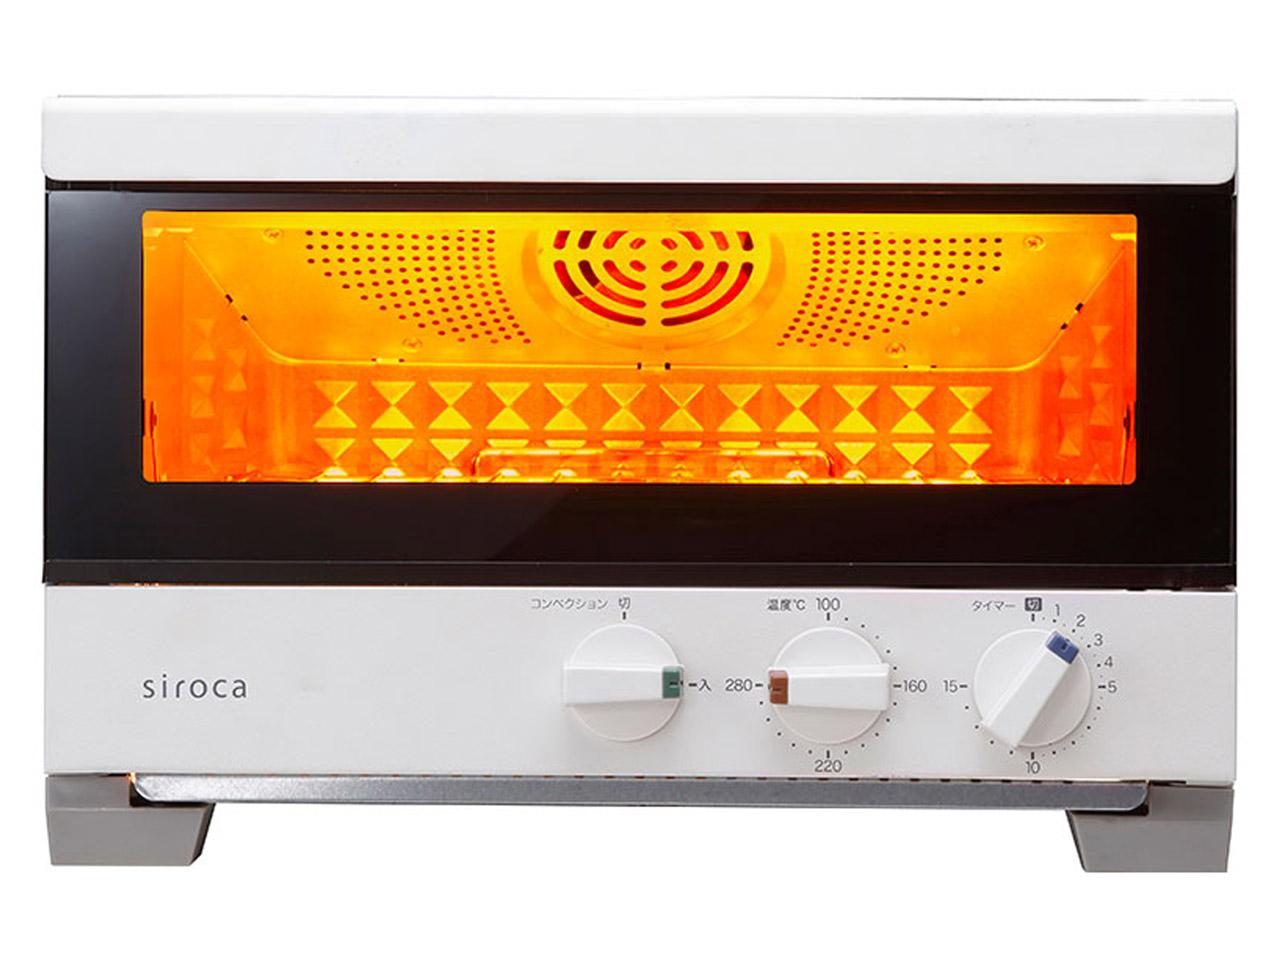 シロカ ST-4A251(W) オーブントースター すばやき ホワイト [ST4A251W]